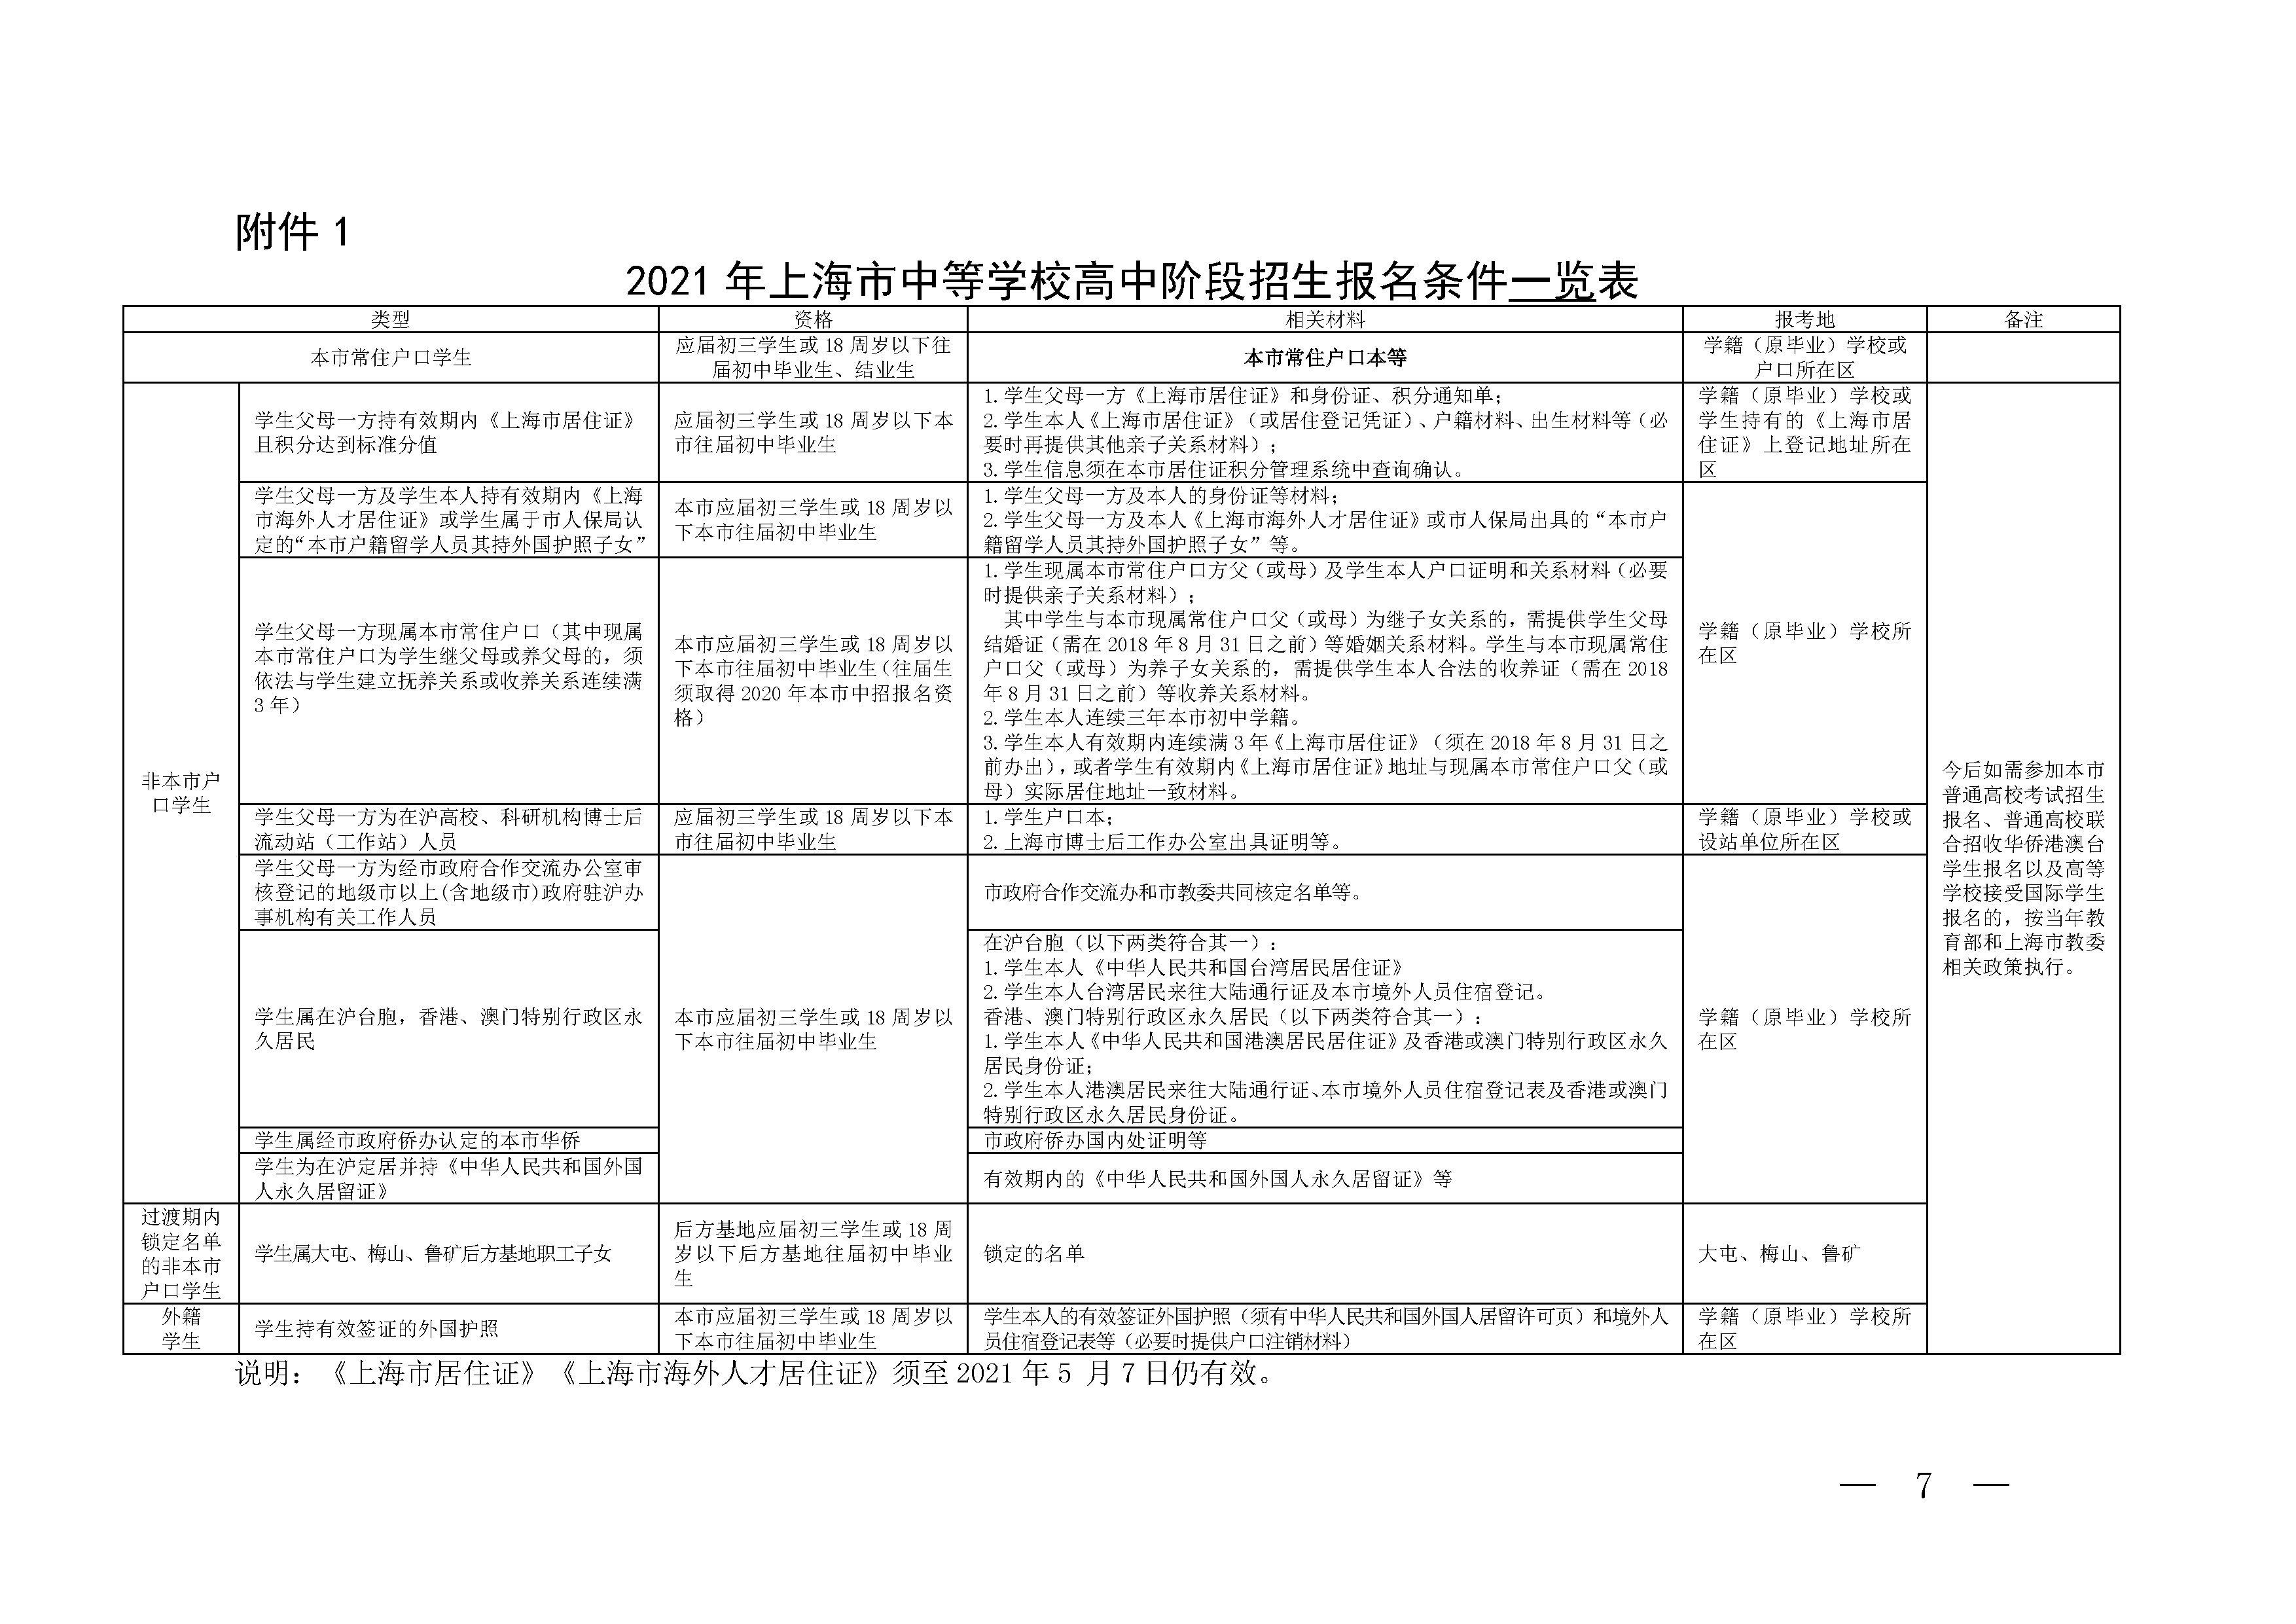 2021上海市中等学校高中阶段招生报名条件一览表